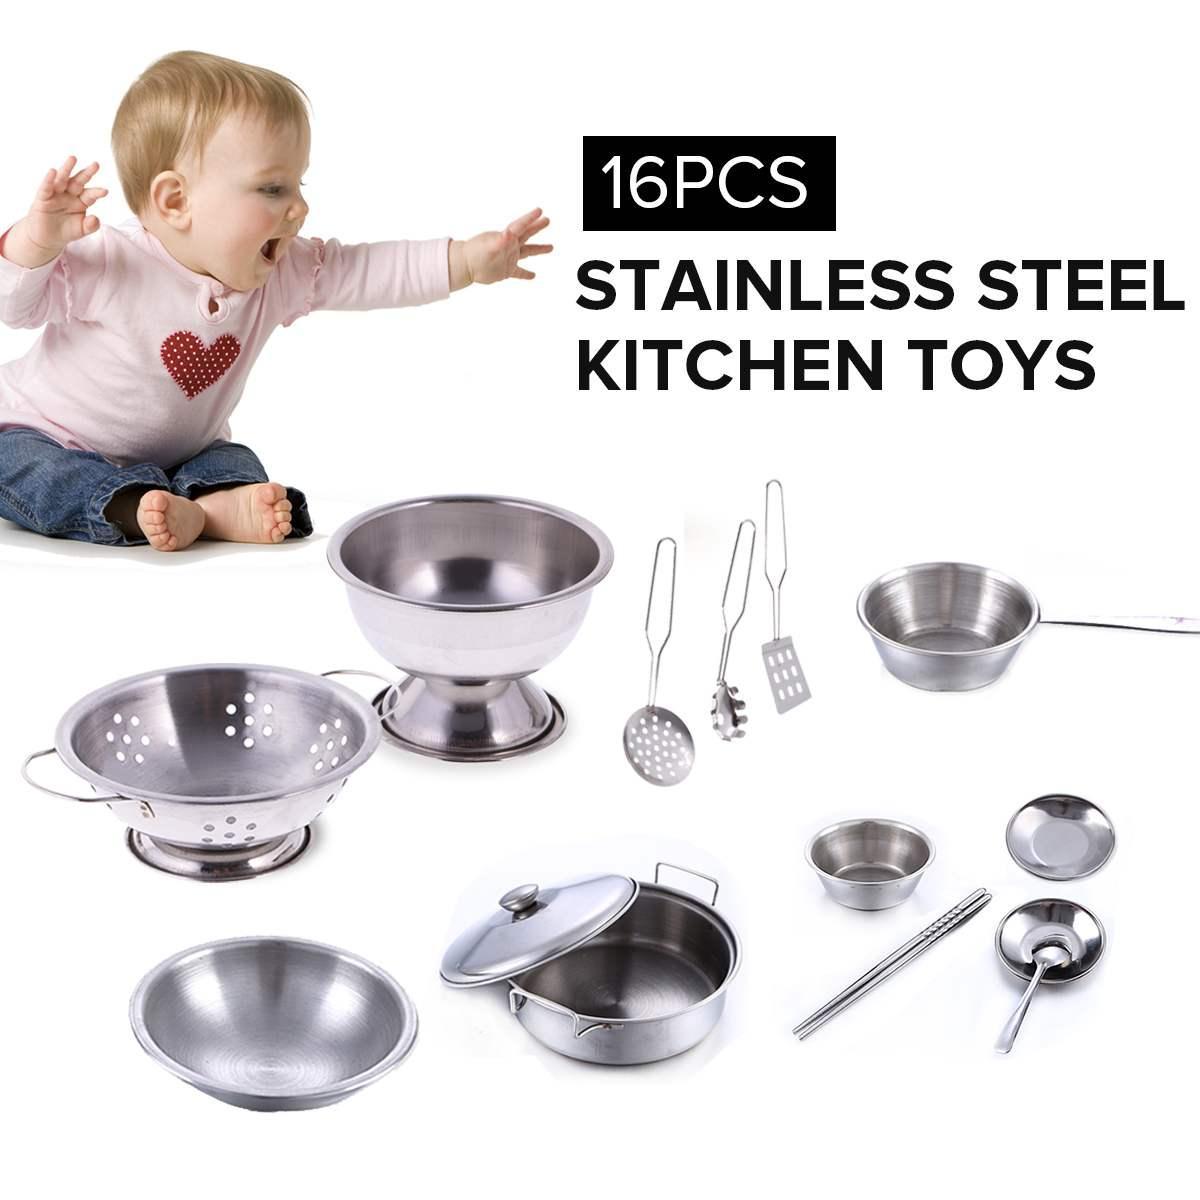 16pcs Juego de juguetes de cocina Juego de cocina de acero inoxidable Juego de cocina Mini modelo Utensilios de cocina Utensilios de cocina para niños de niños 0-14